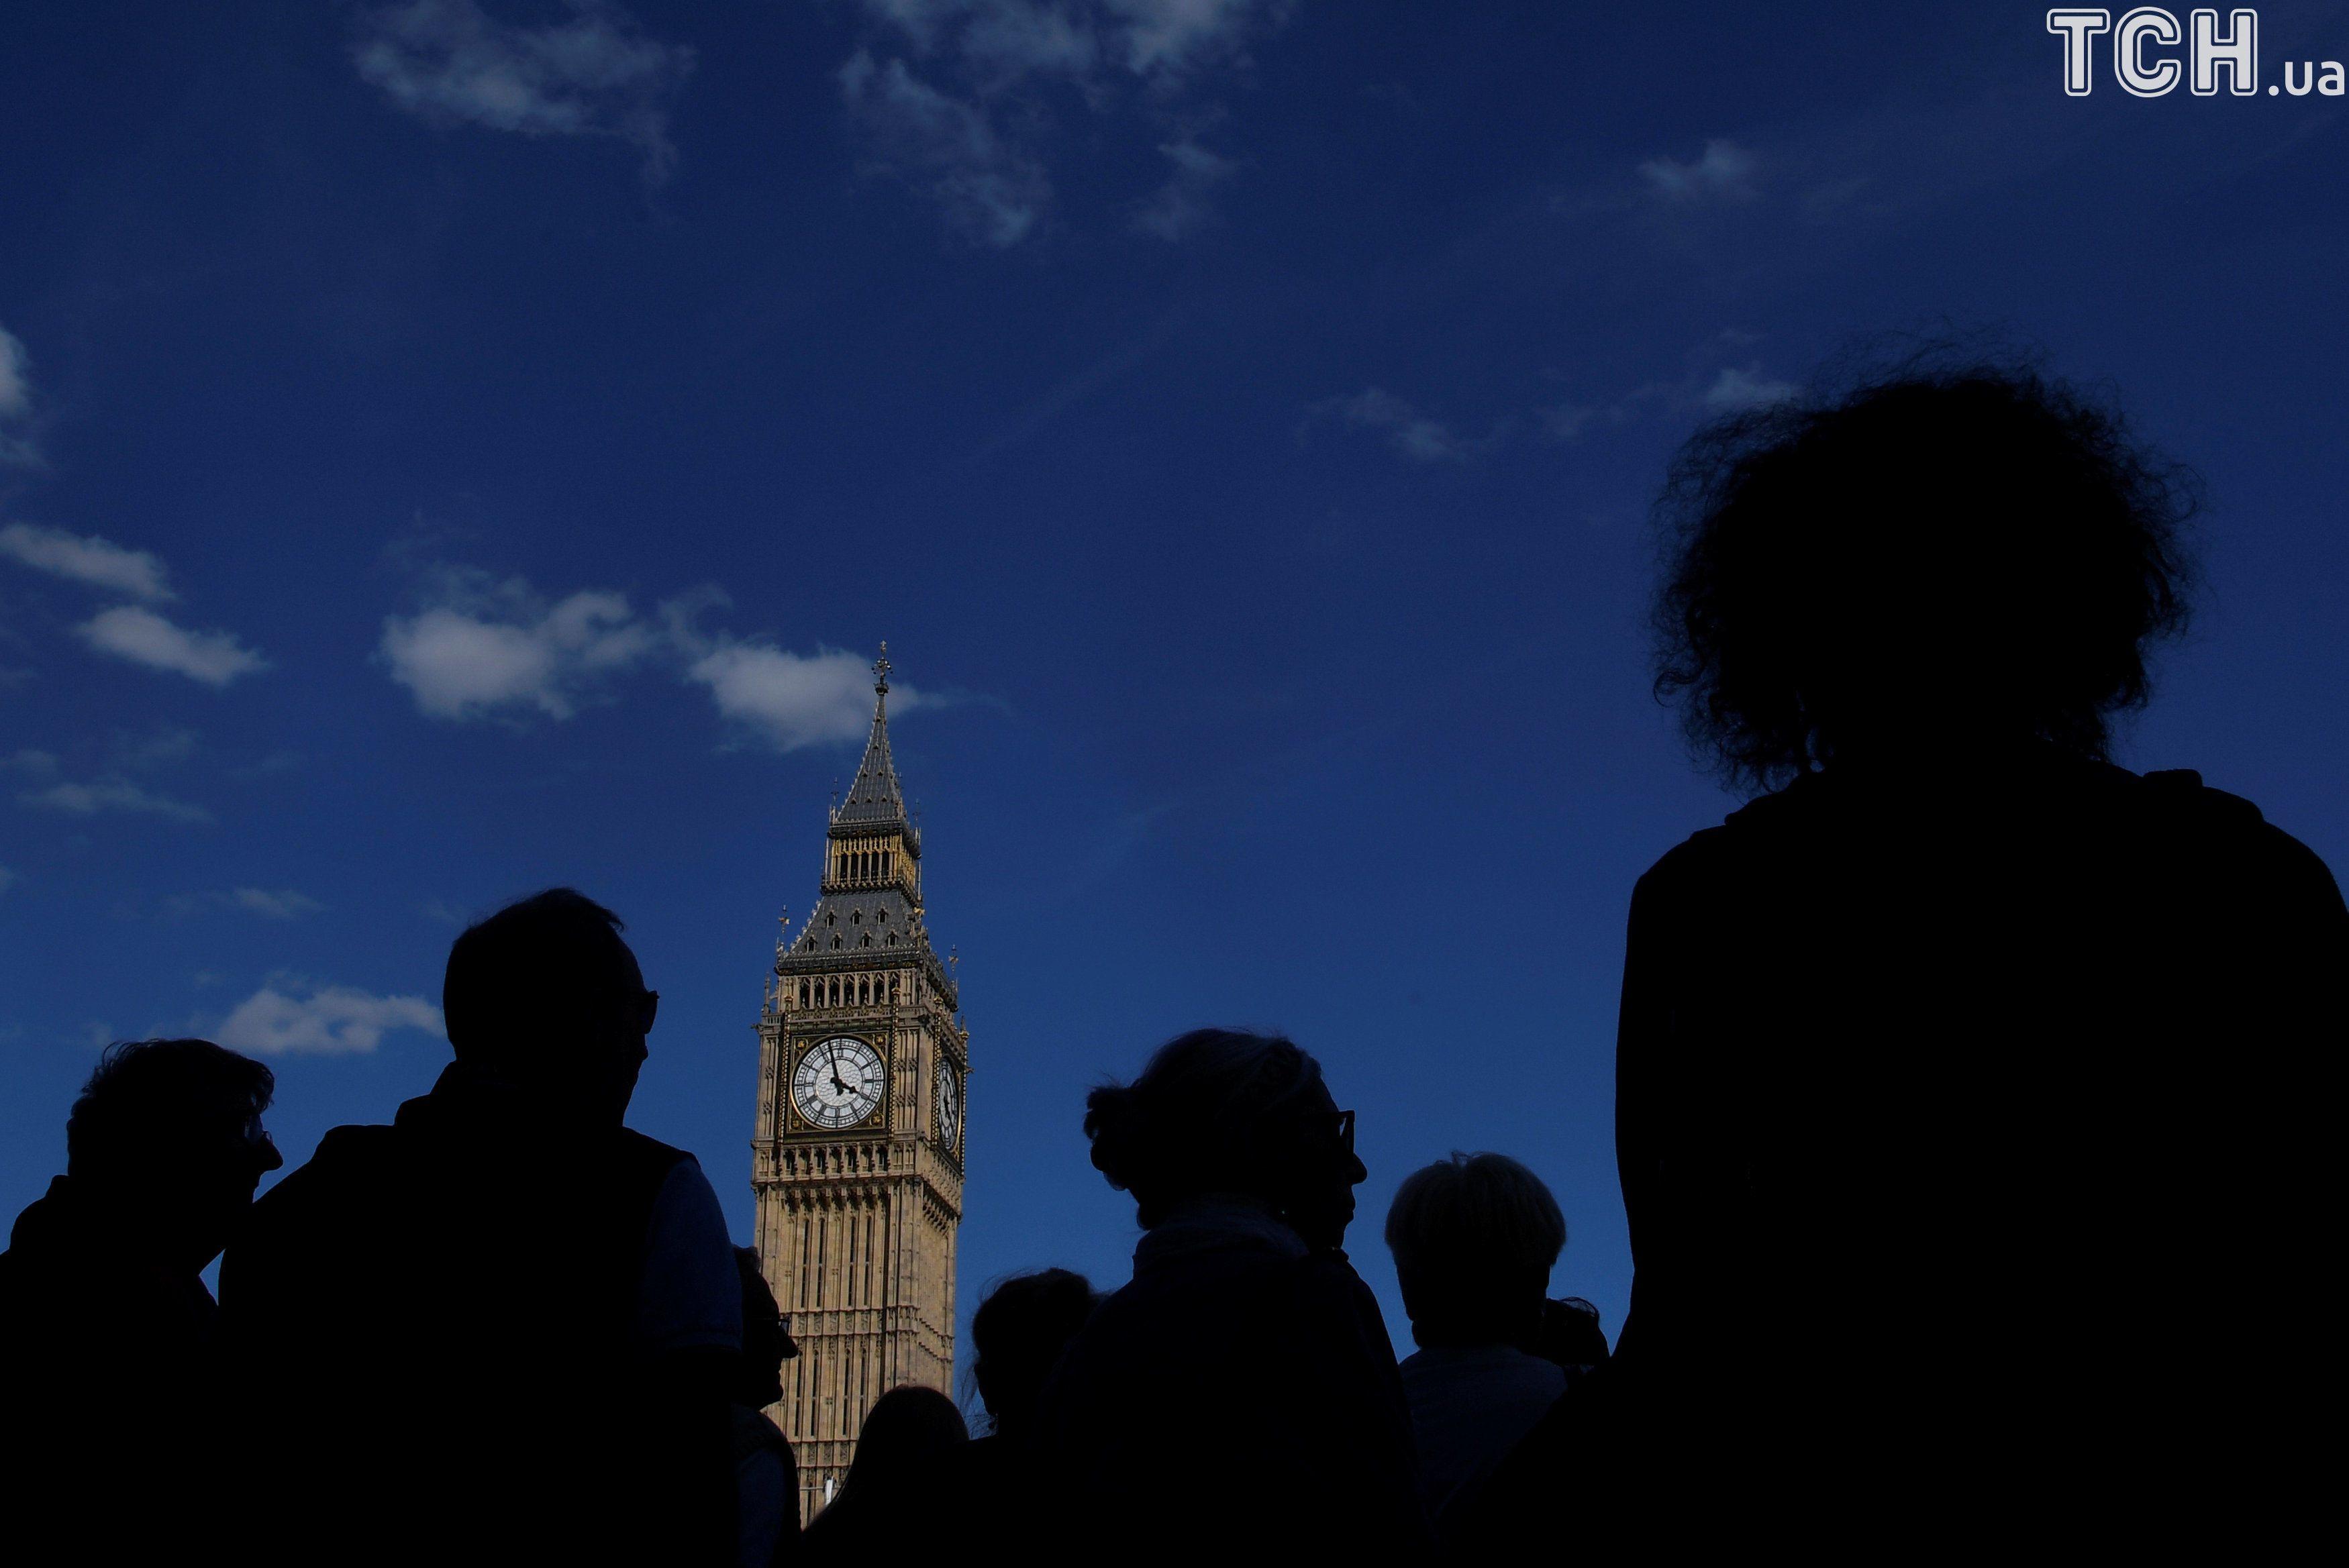 лондонський годинник Біг Бен_9